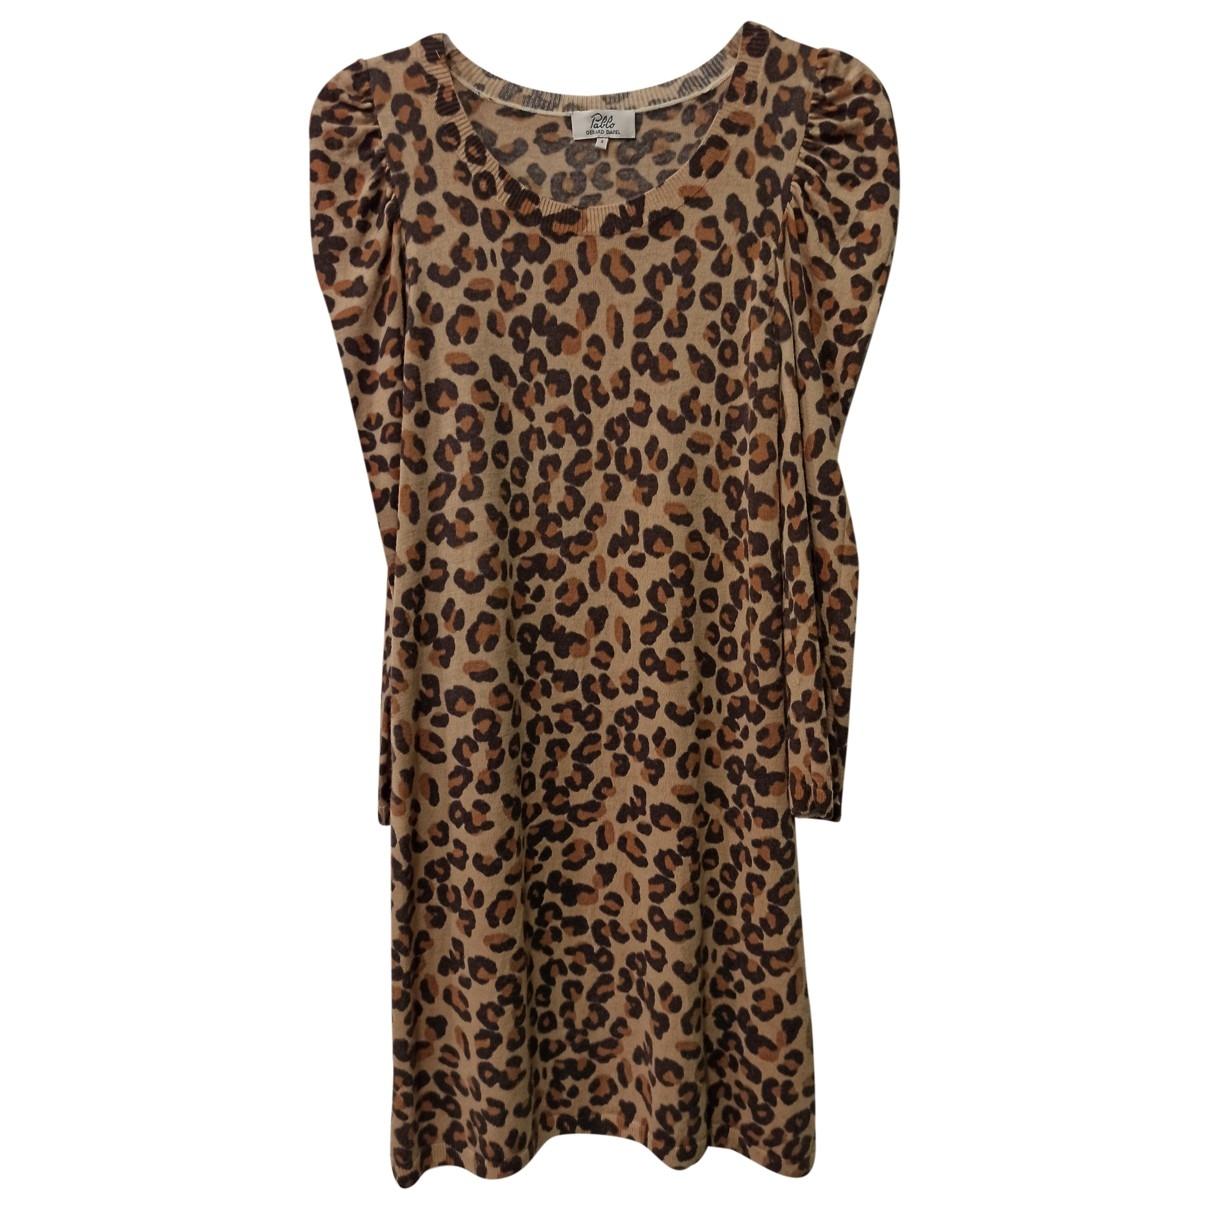 Pablo \N Beige Wool dress for Women 38 FR